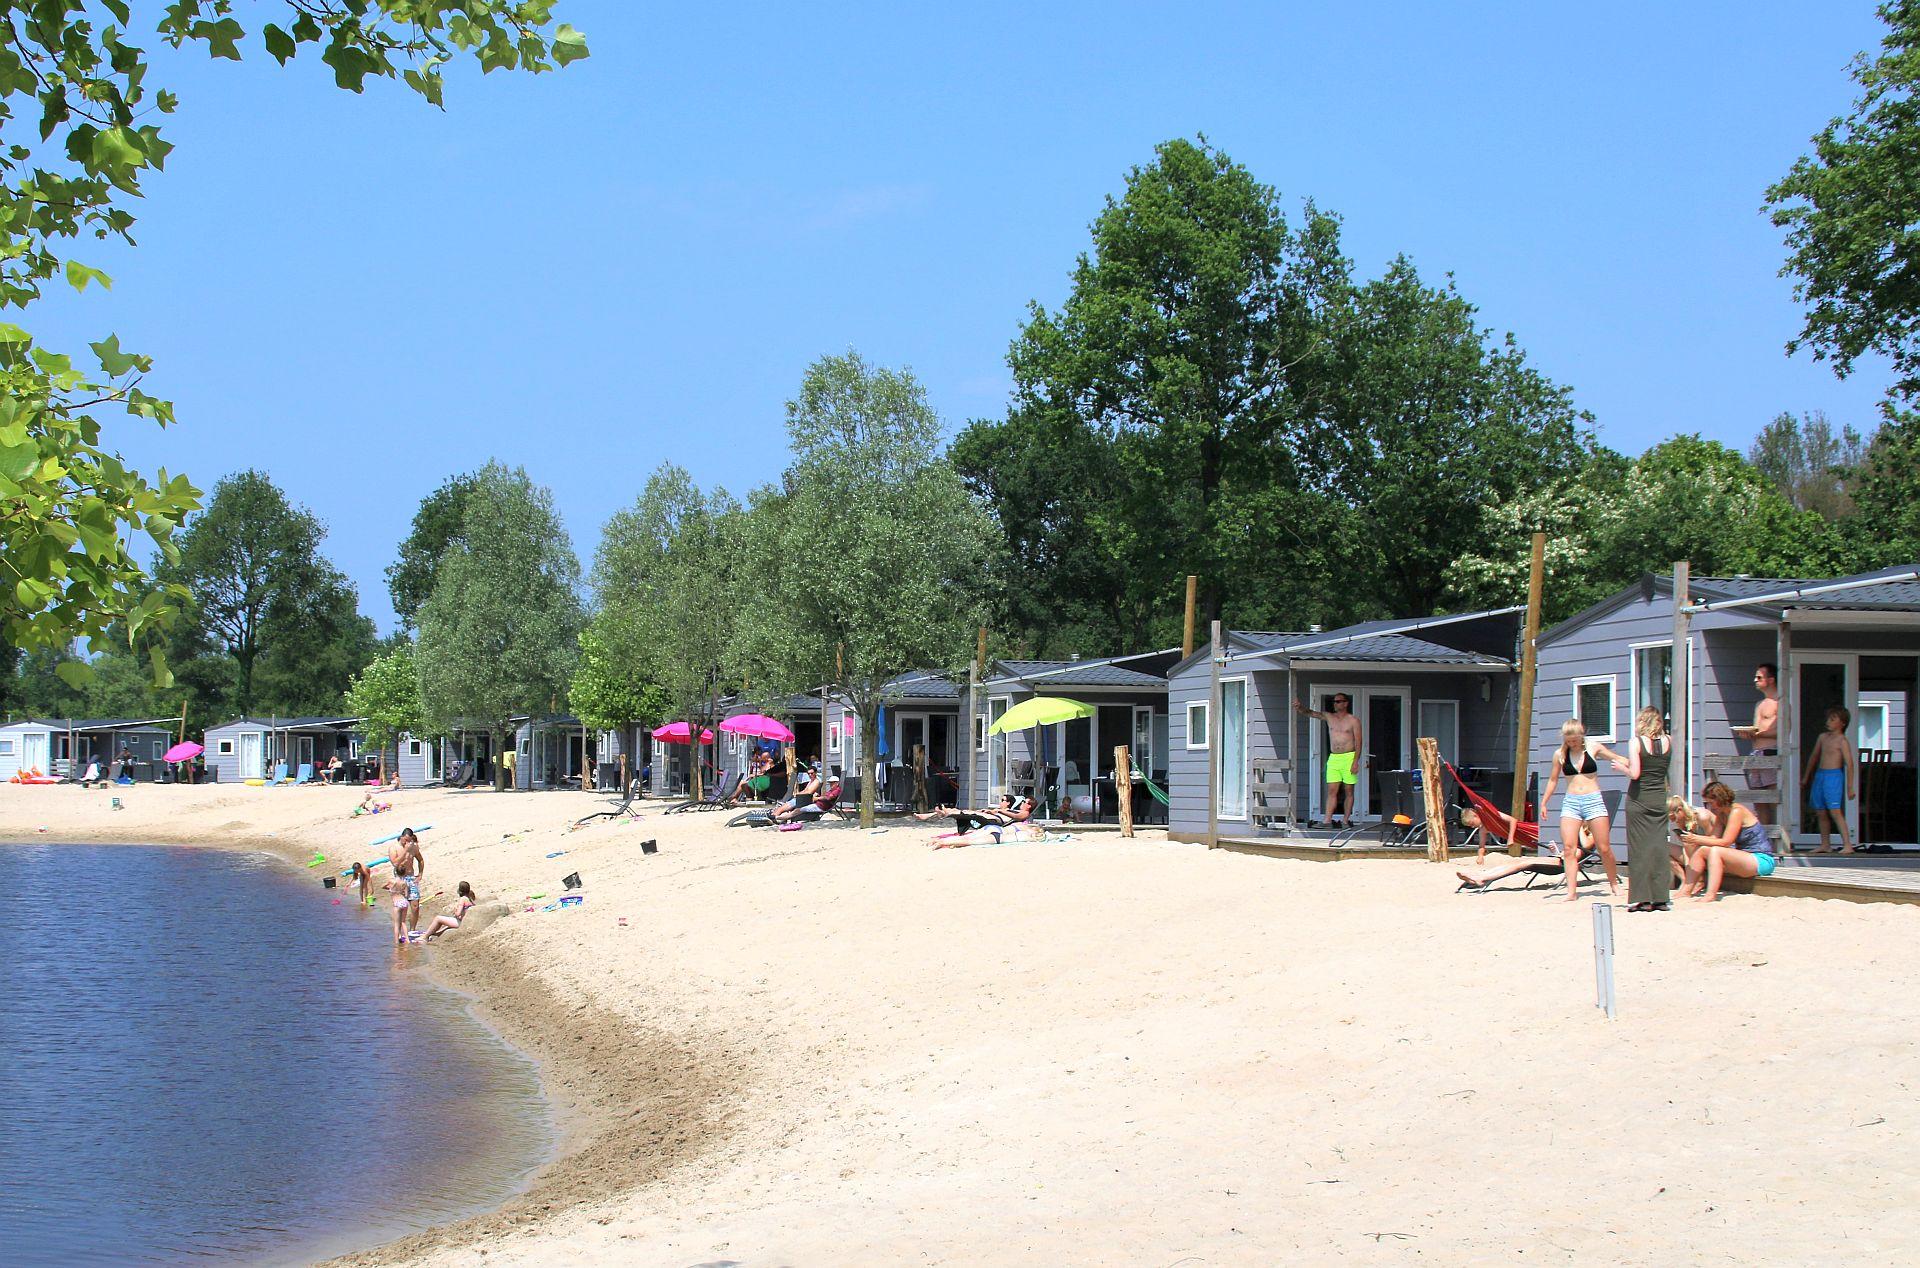 Chalet verhuur in Drenthe aan de rand van Overijssel - chalet verhuur in Drenthe